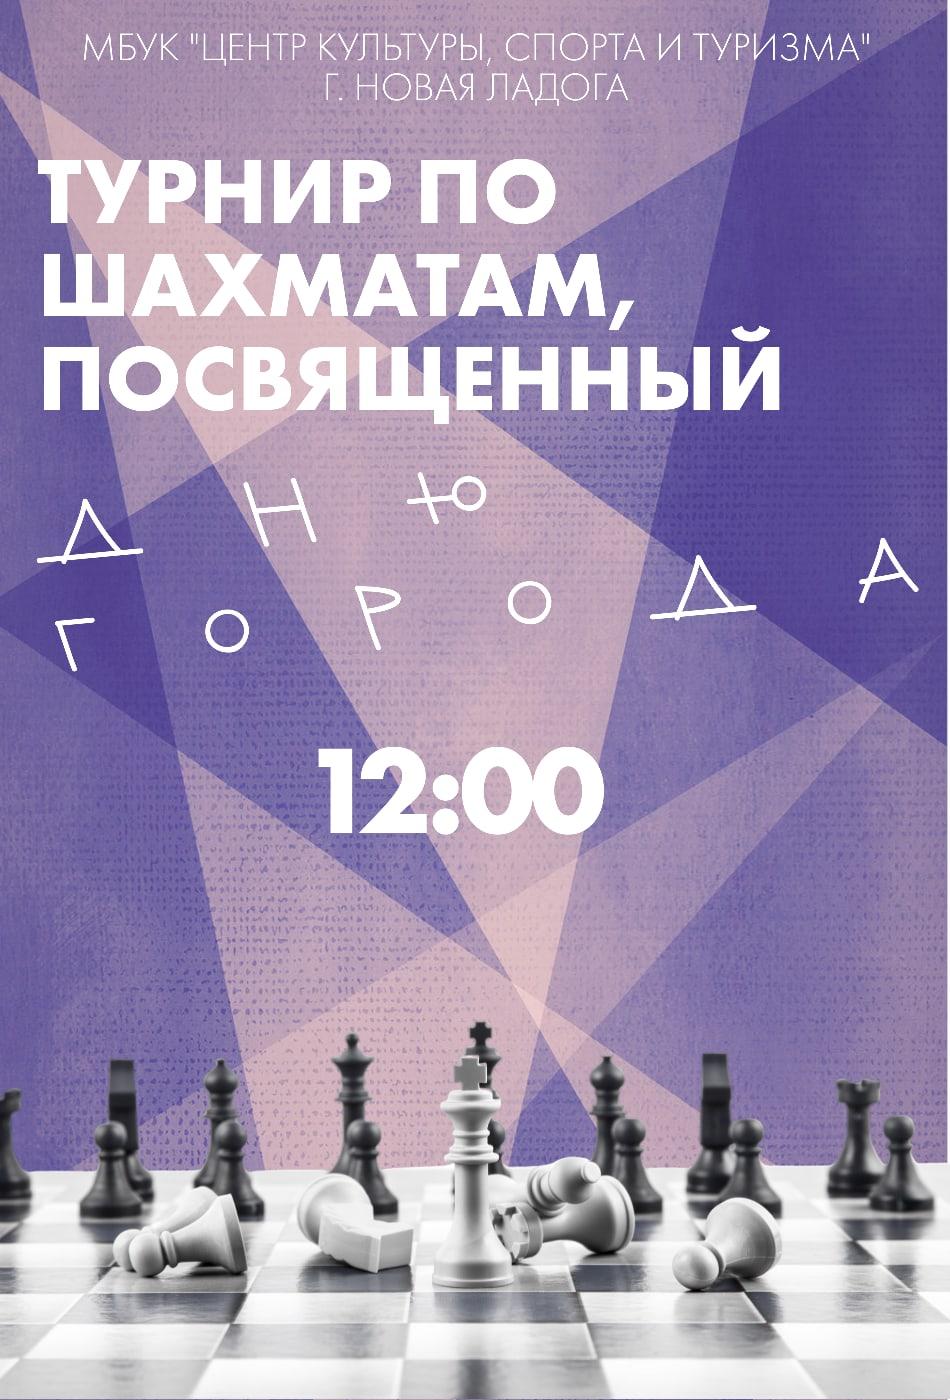 29 августа. Шахматный турнир